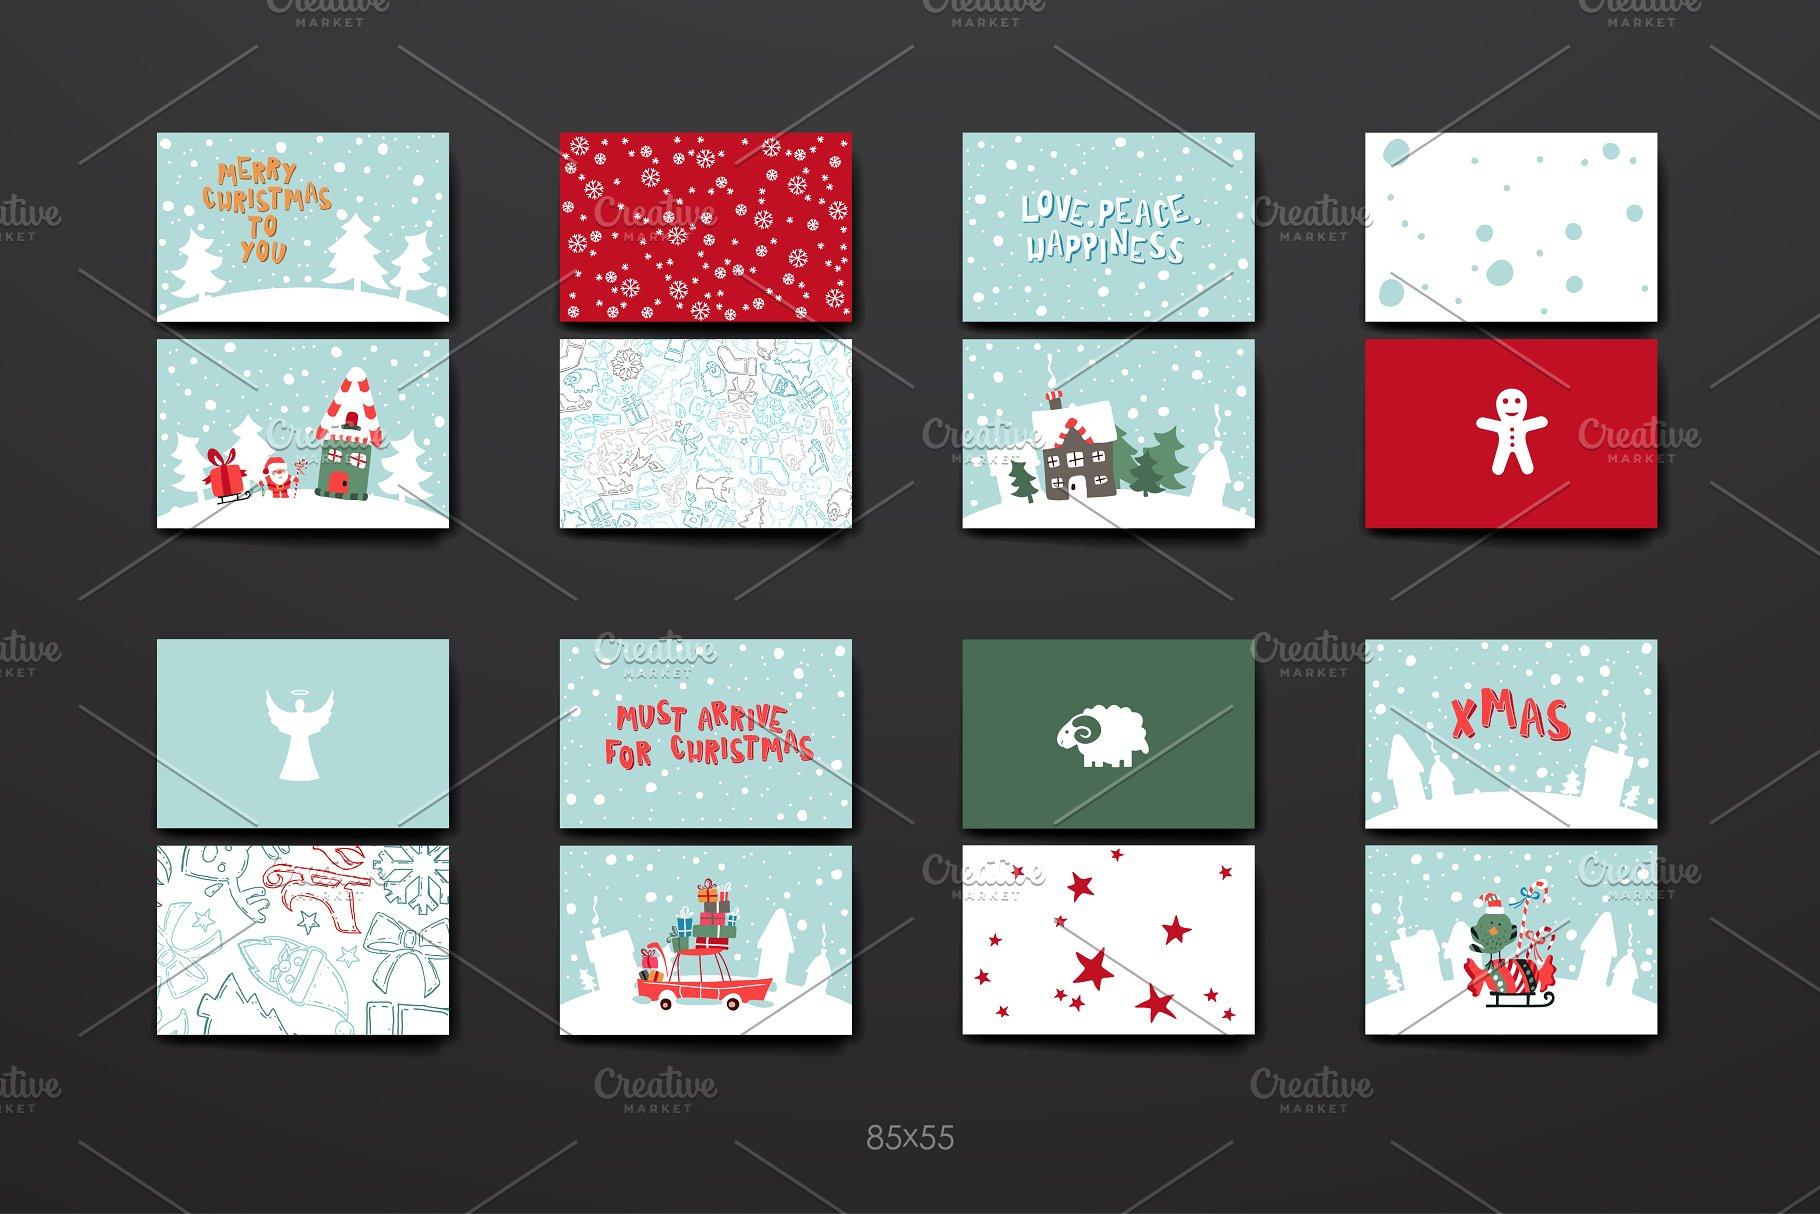 免费的圣诞节矢量素材 Merry Christmas Card Template设计素材模板